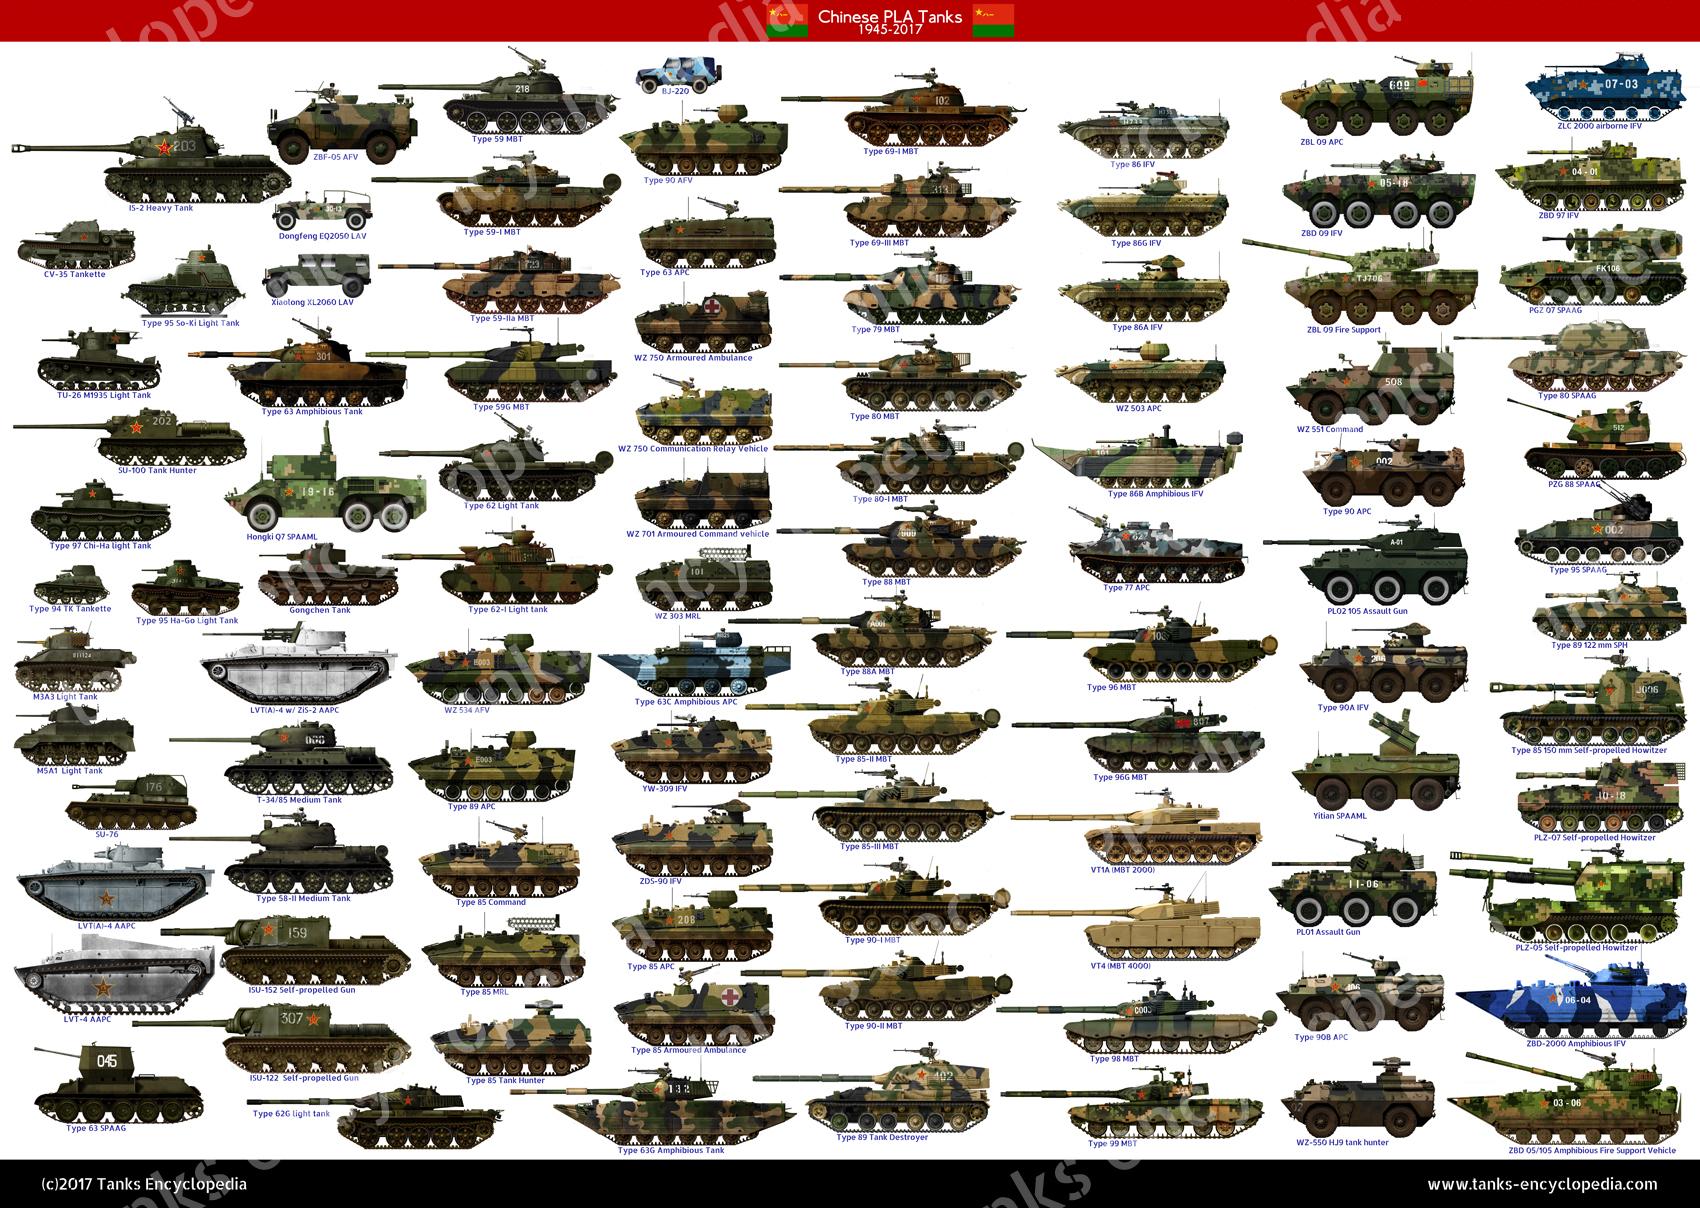 PLA Tanks